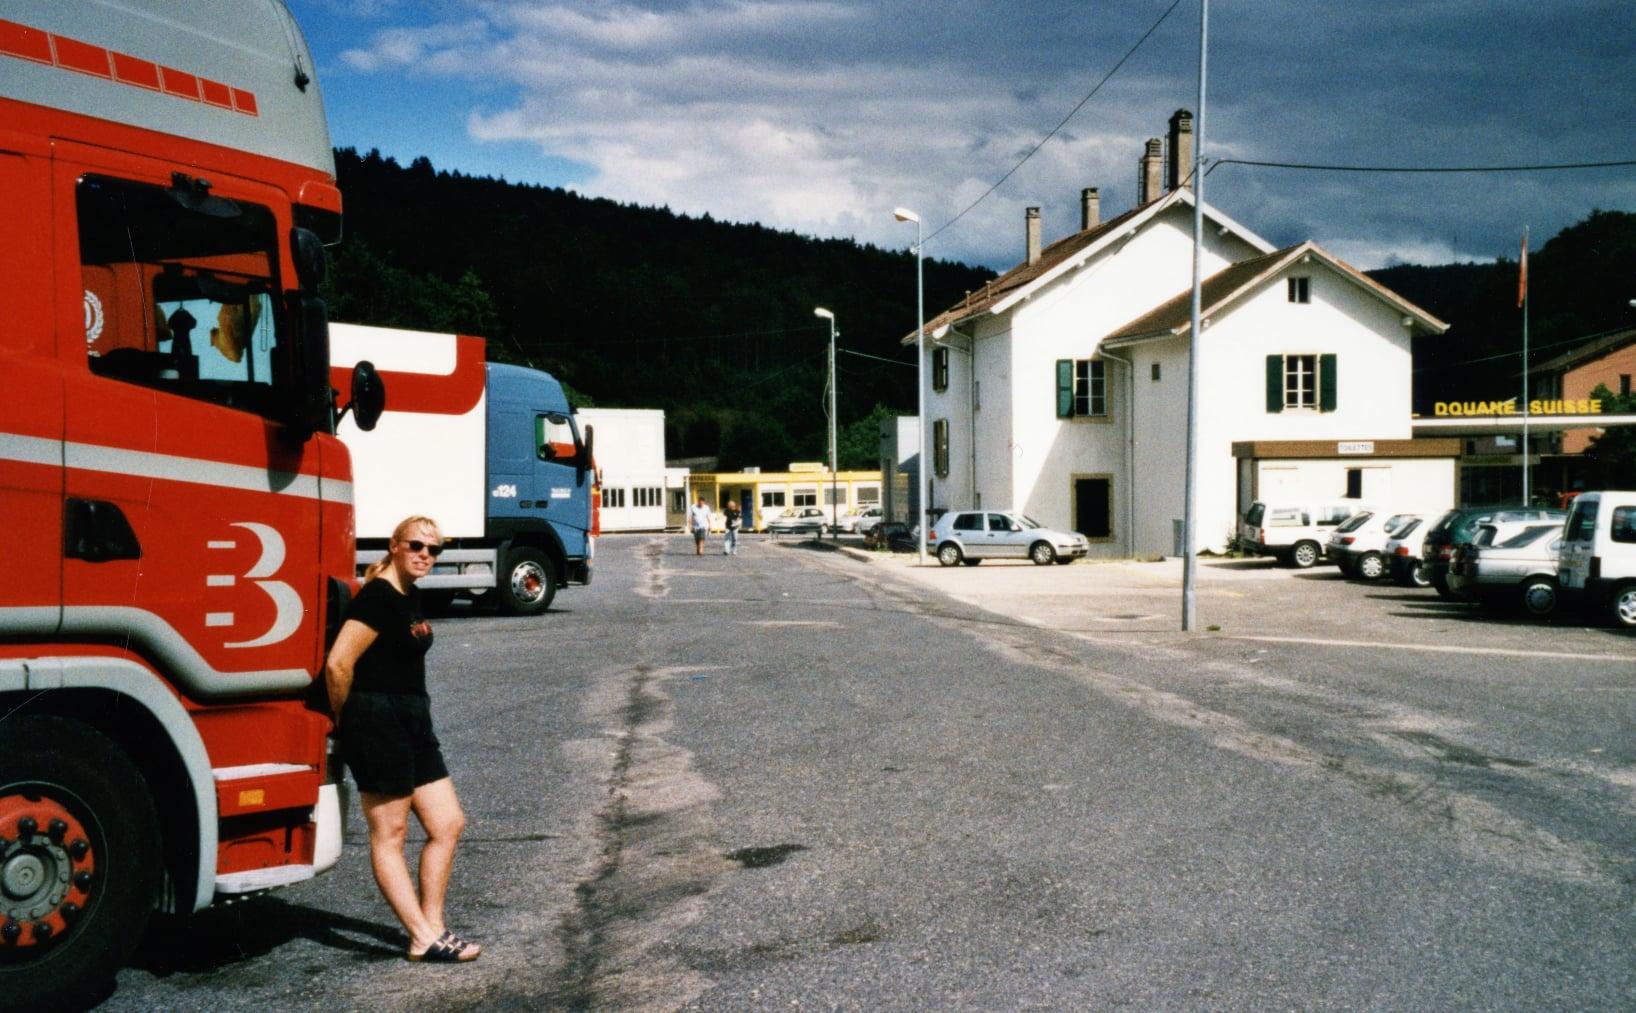 Joop-de-Jong-Valorbe-2003-